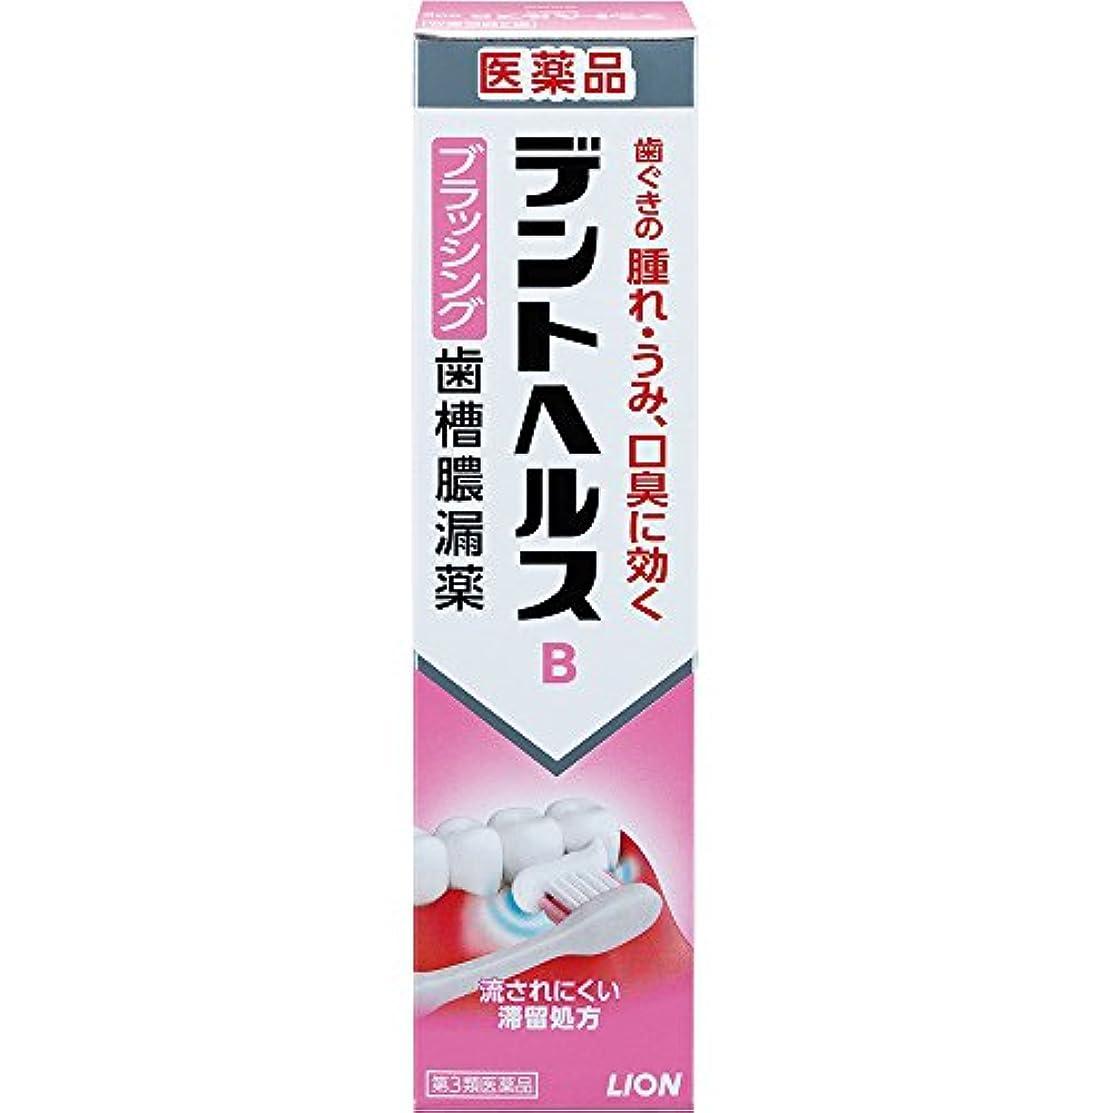 検証爆弾書店【第3類医薬品】デントヘルスB 90g